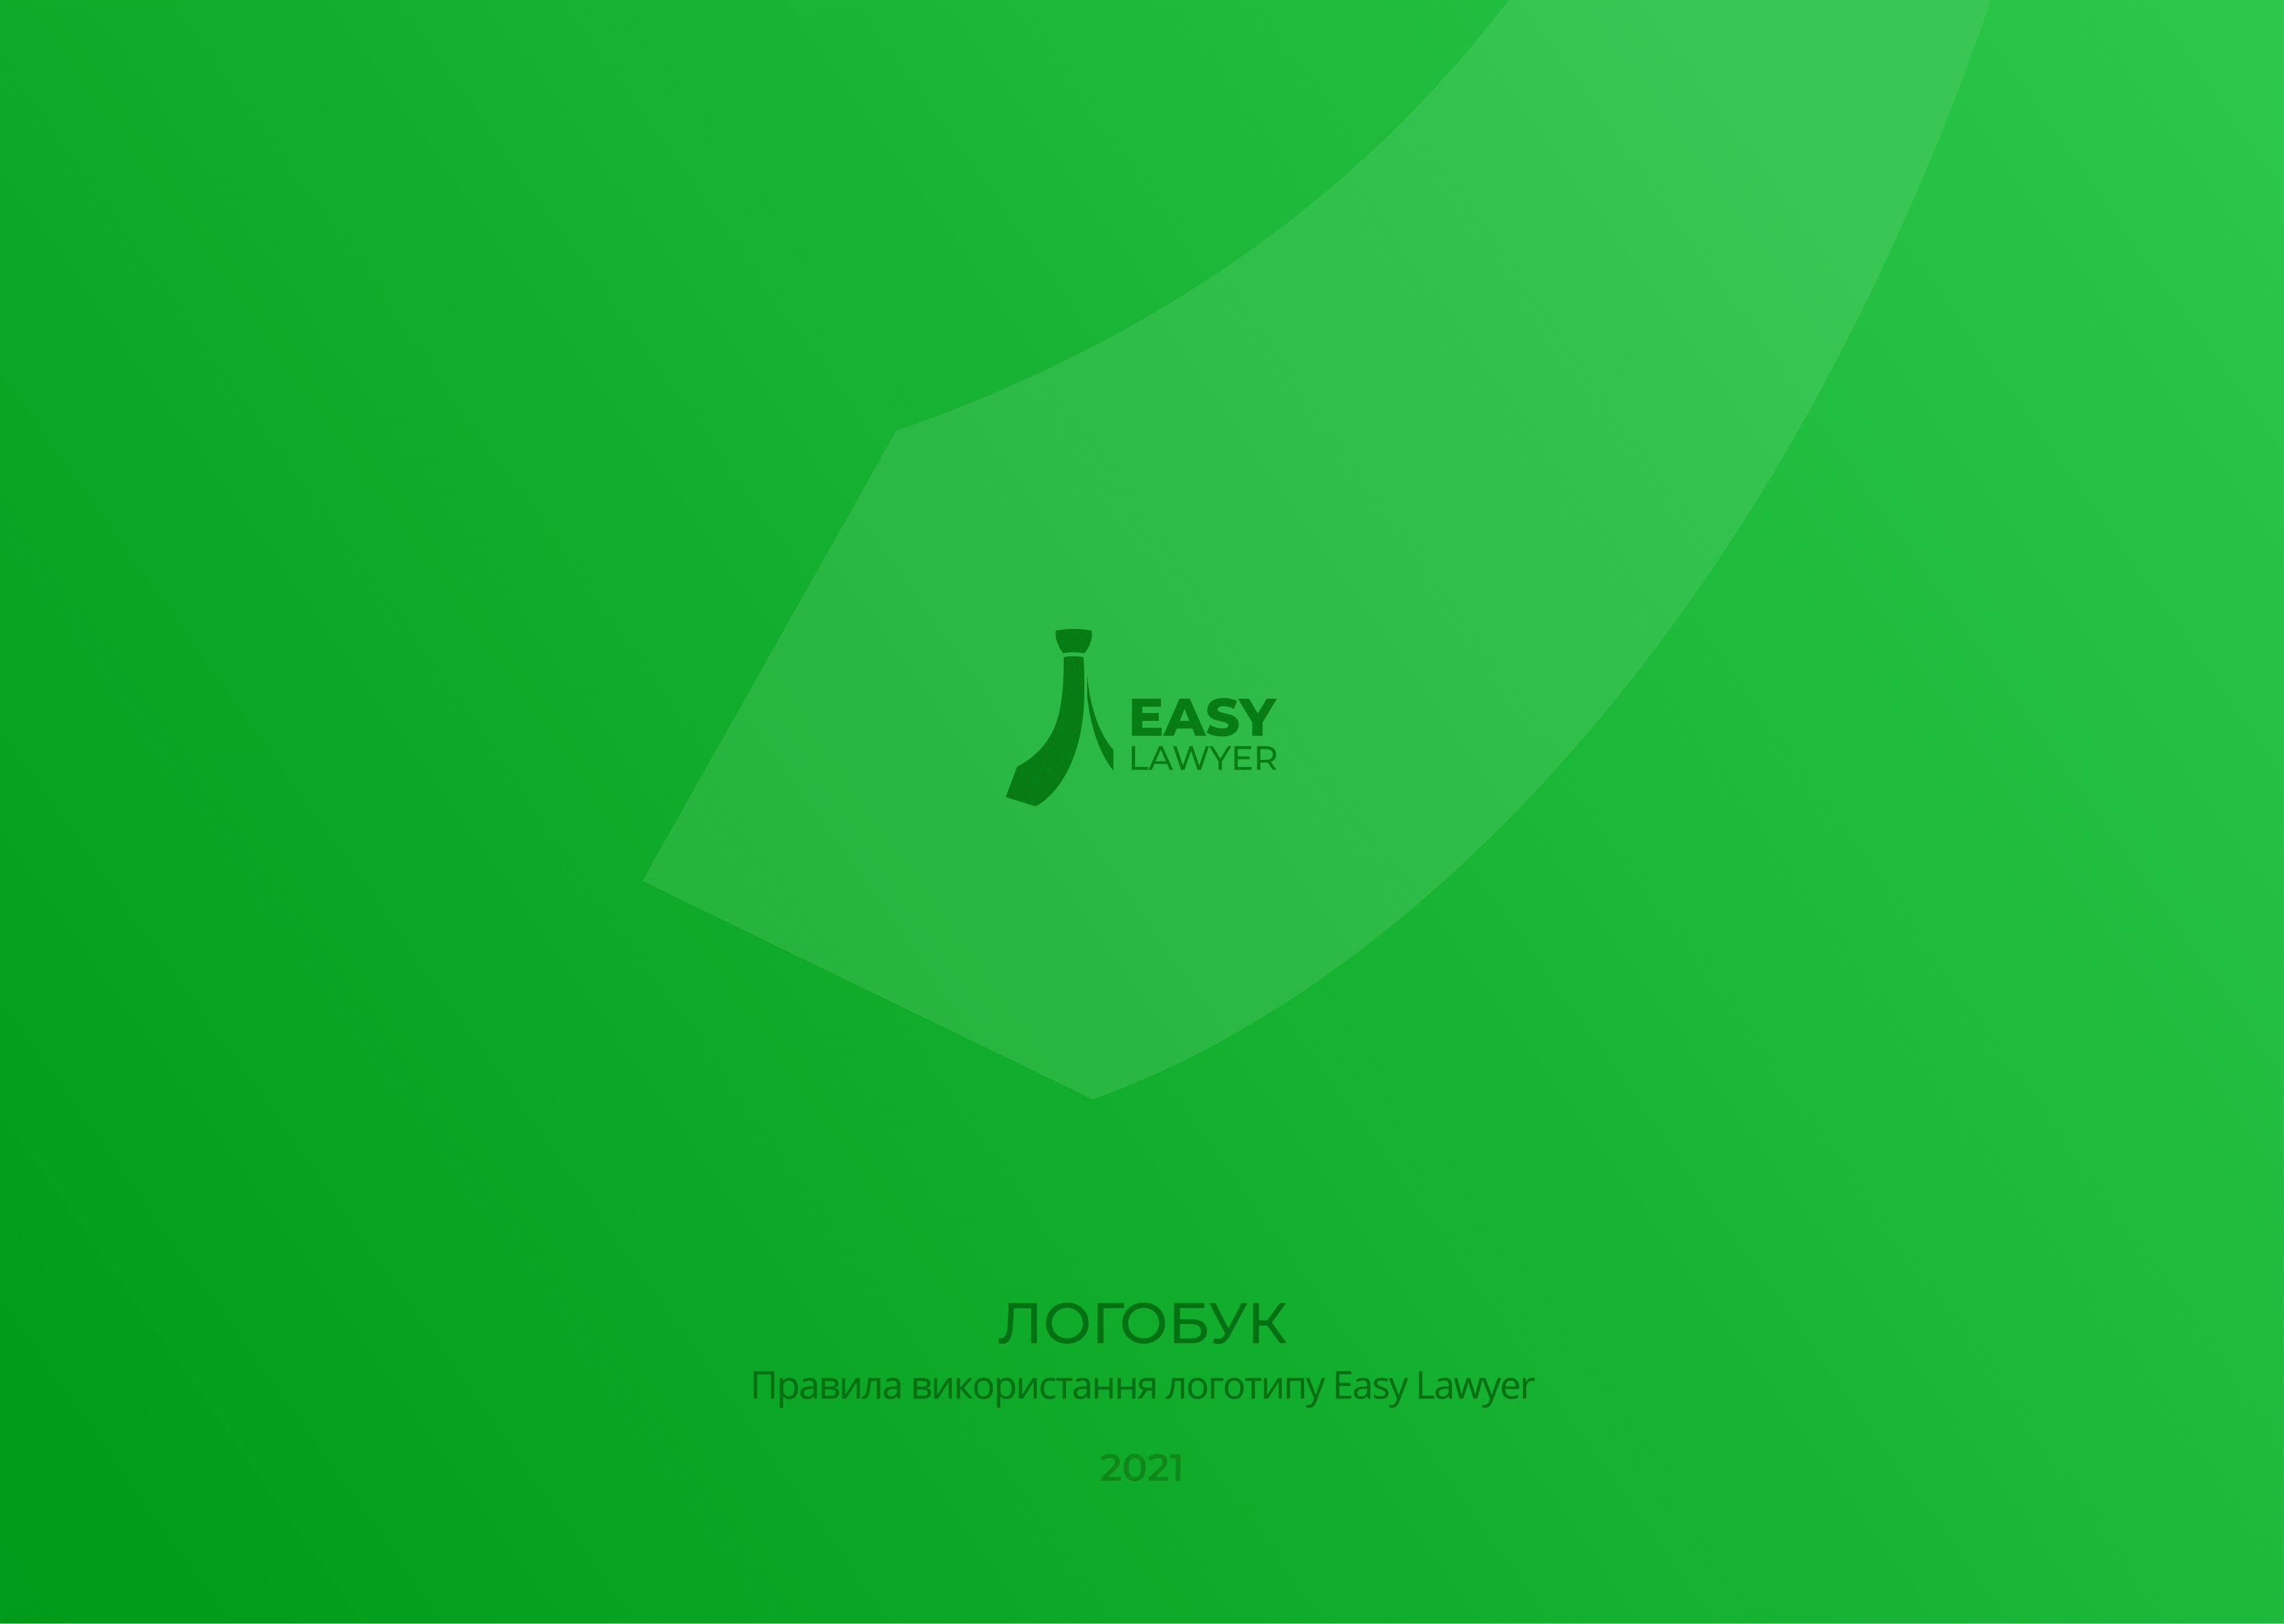 Easy Lawyer (Logobook)-10